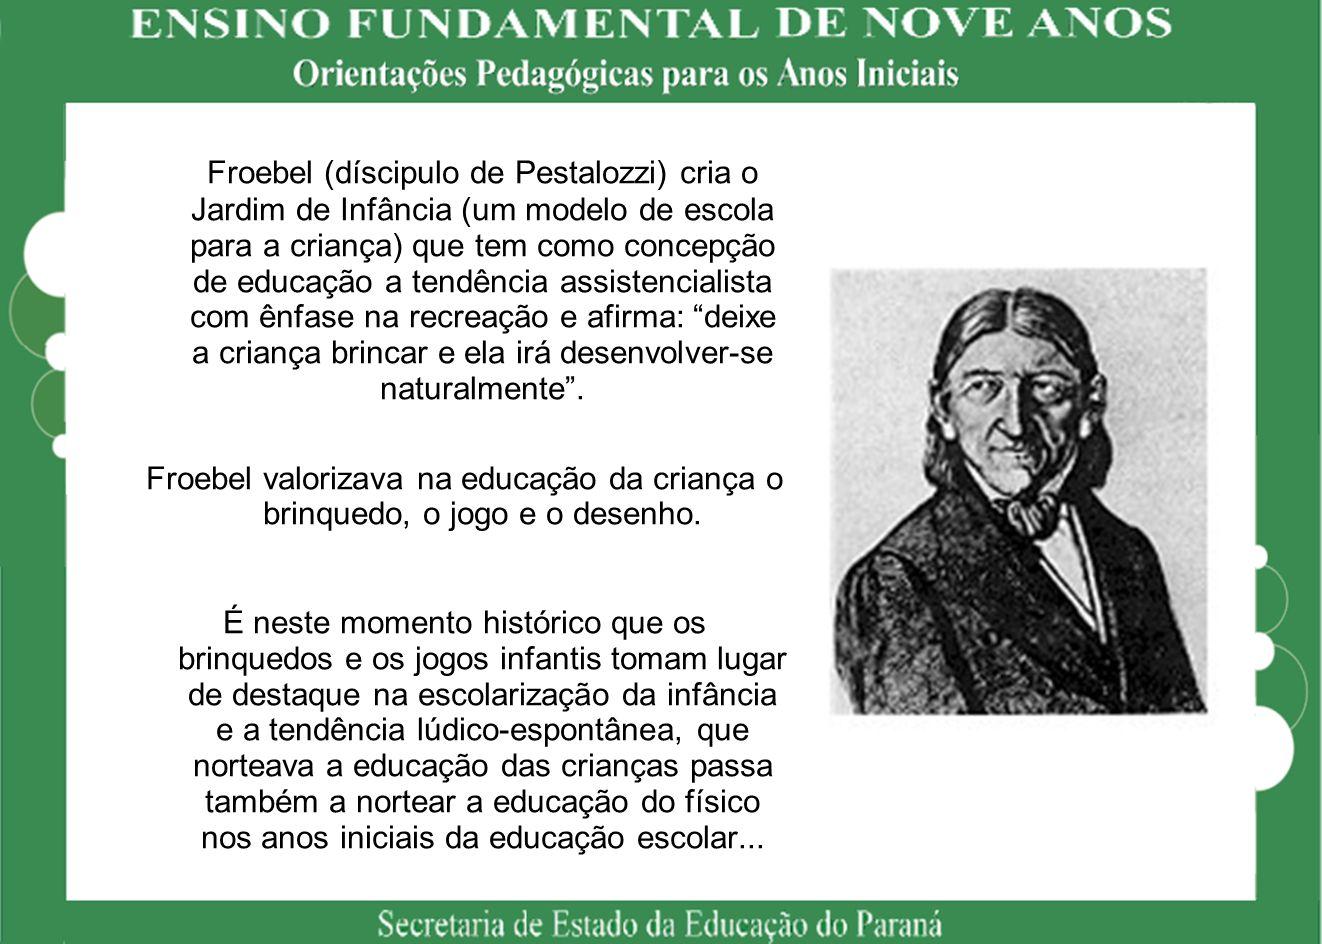 Froebel (díscipulo de Pestalozzi) cria o Jardim de Infância (um modelo de escola para a criança) que tem como concepção de educação a tendência assist